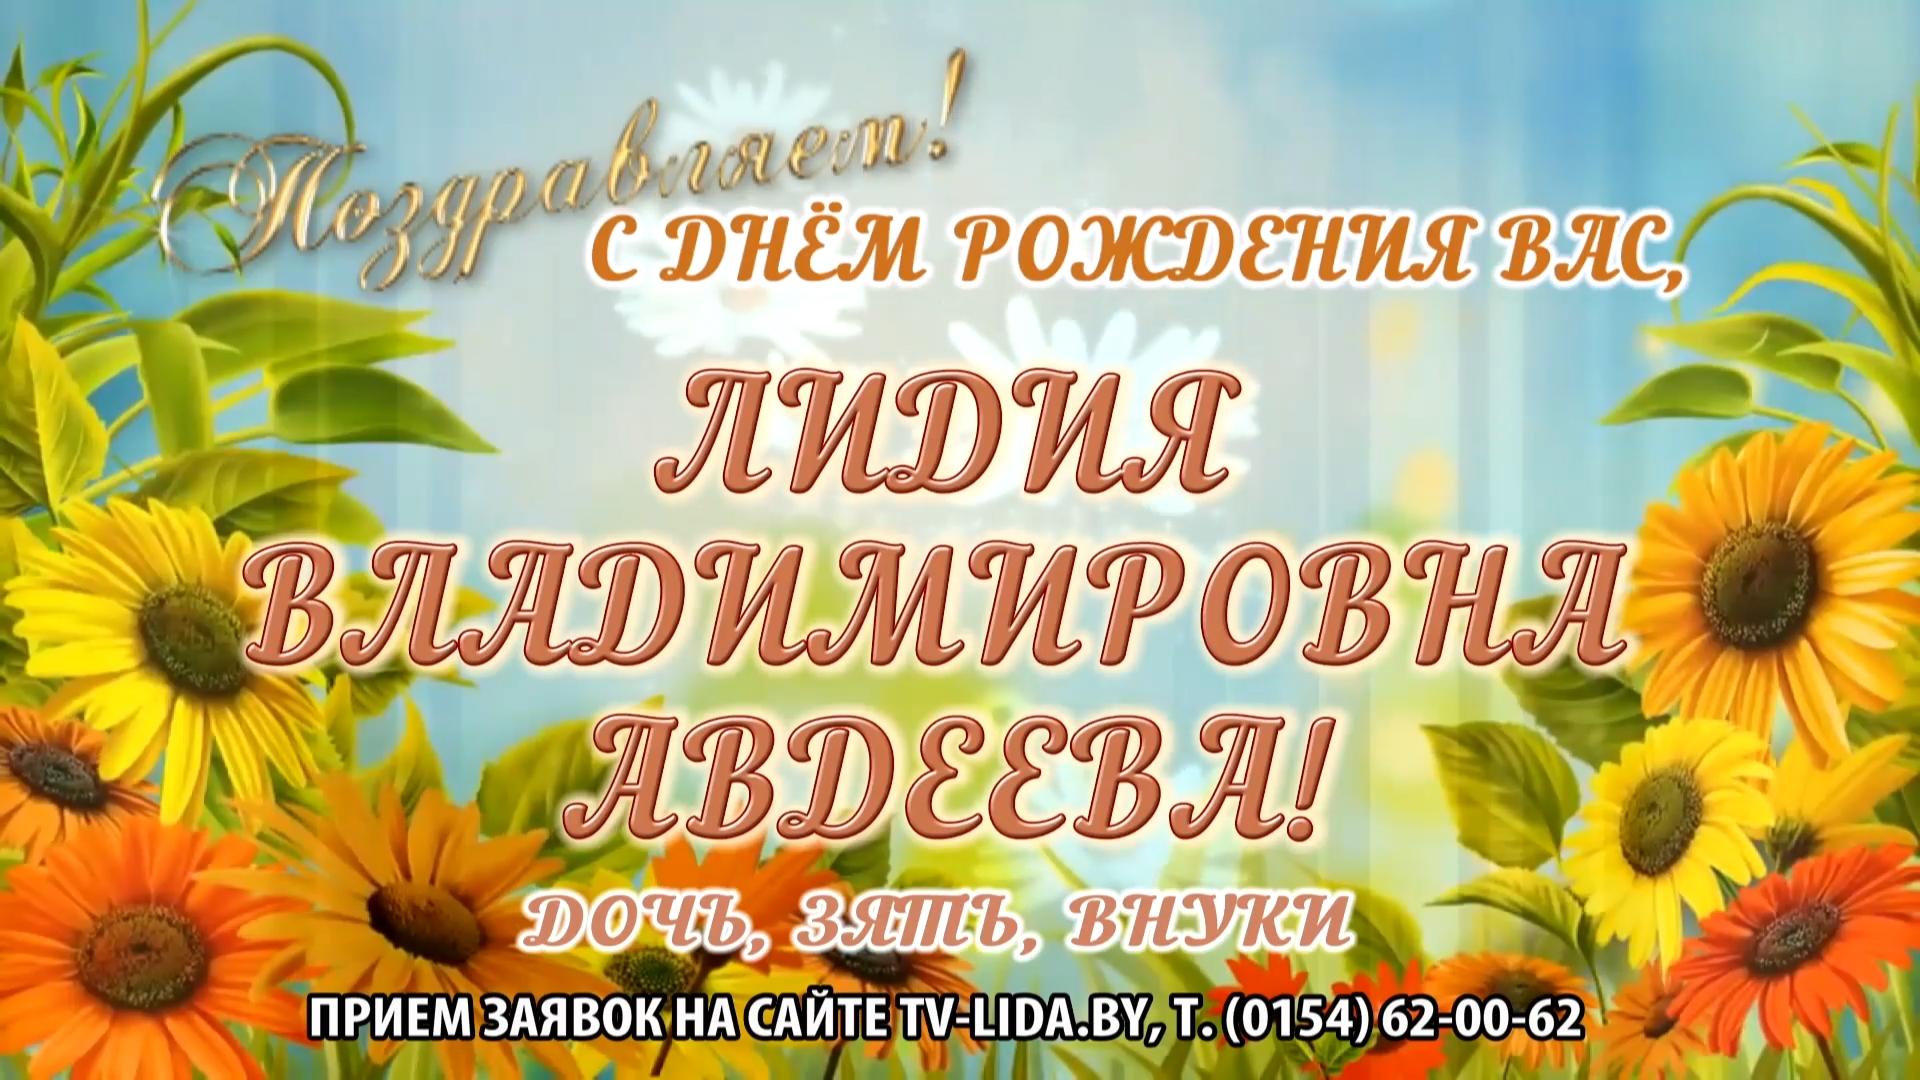 Открытки с днем рождения лидия викторовна